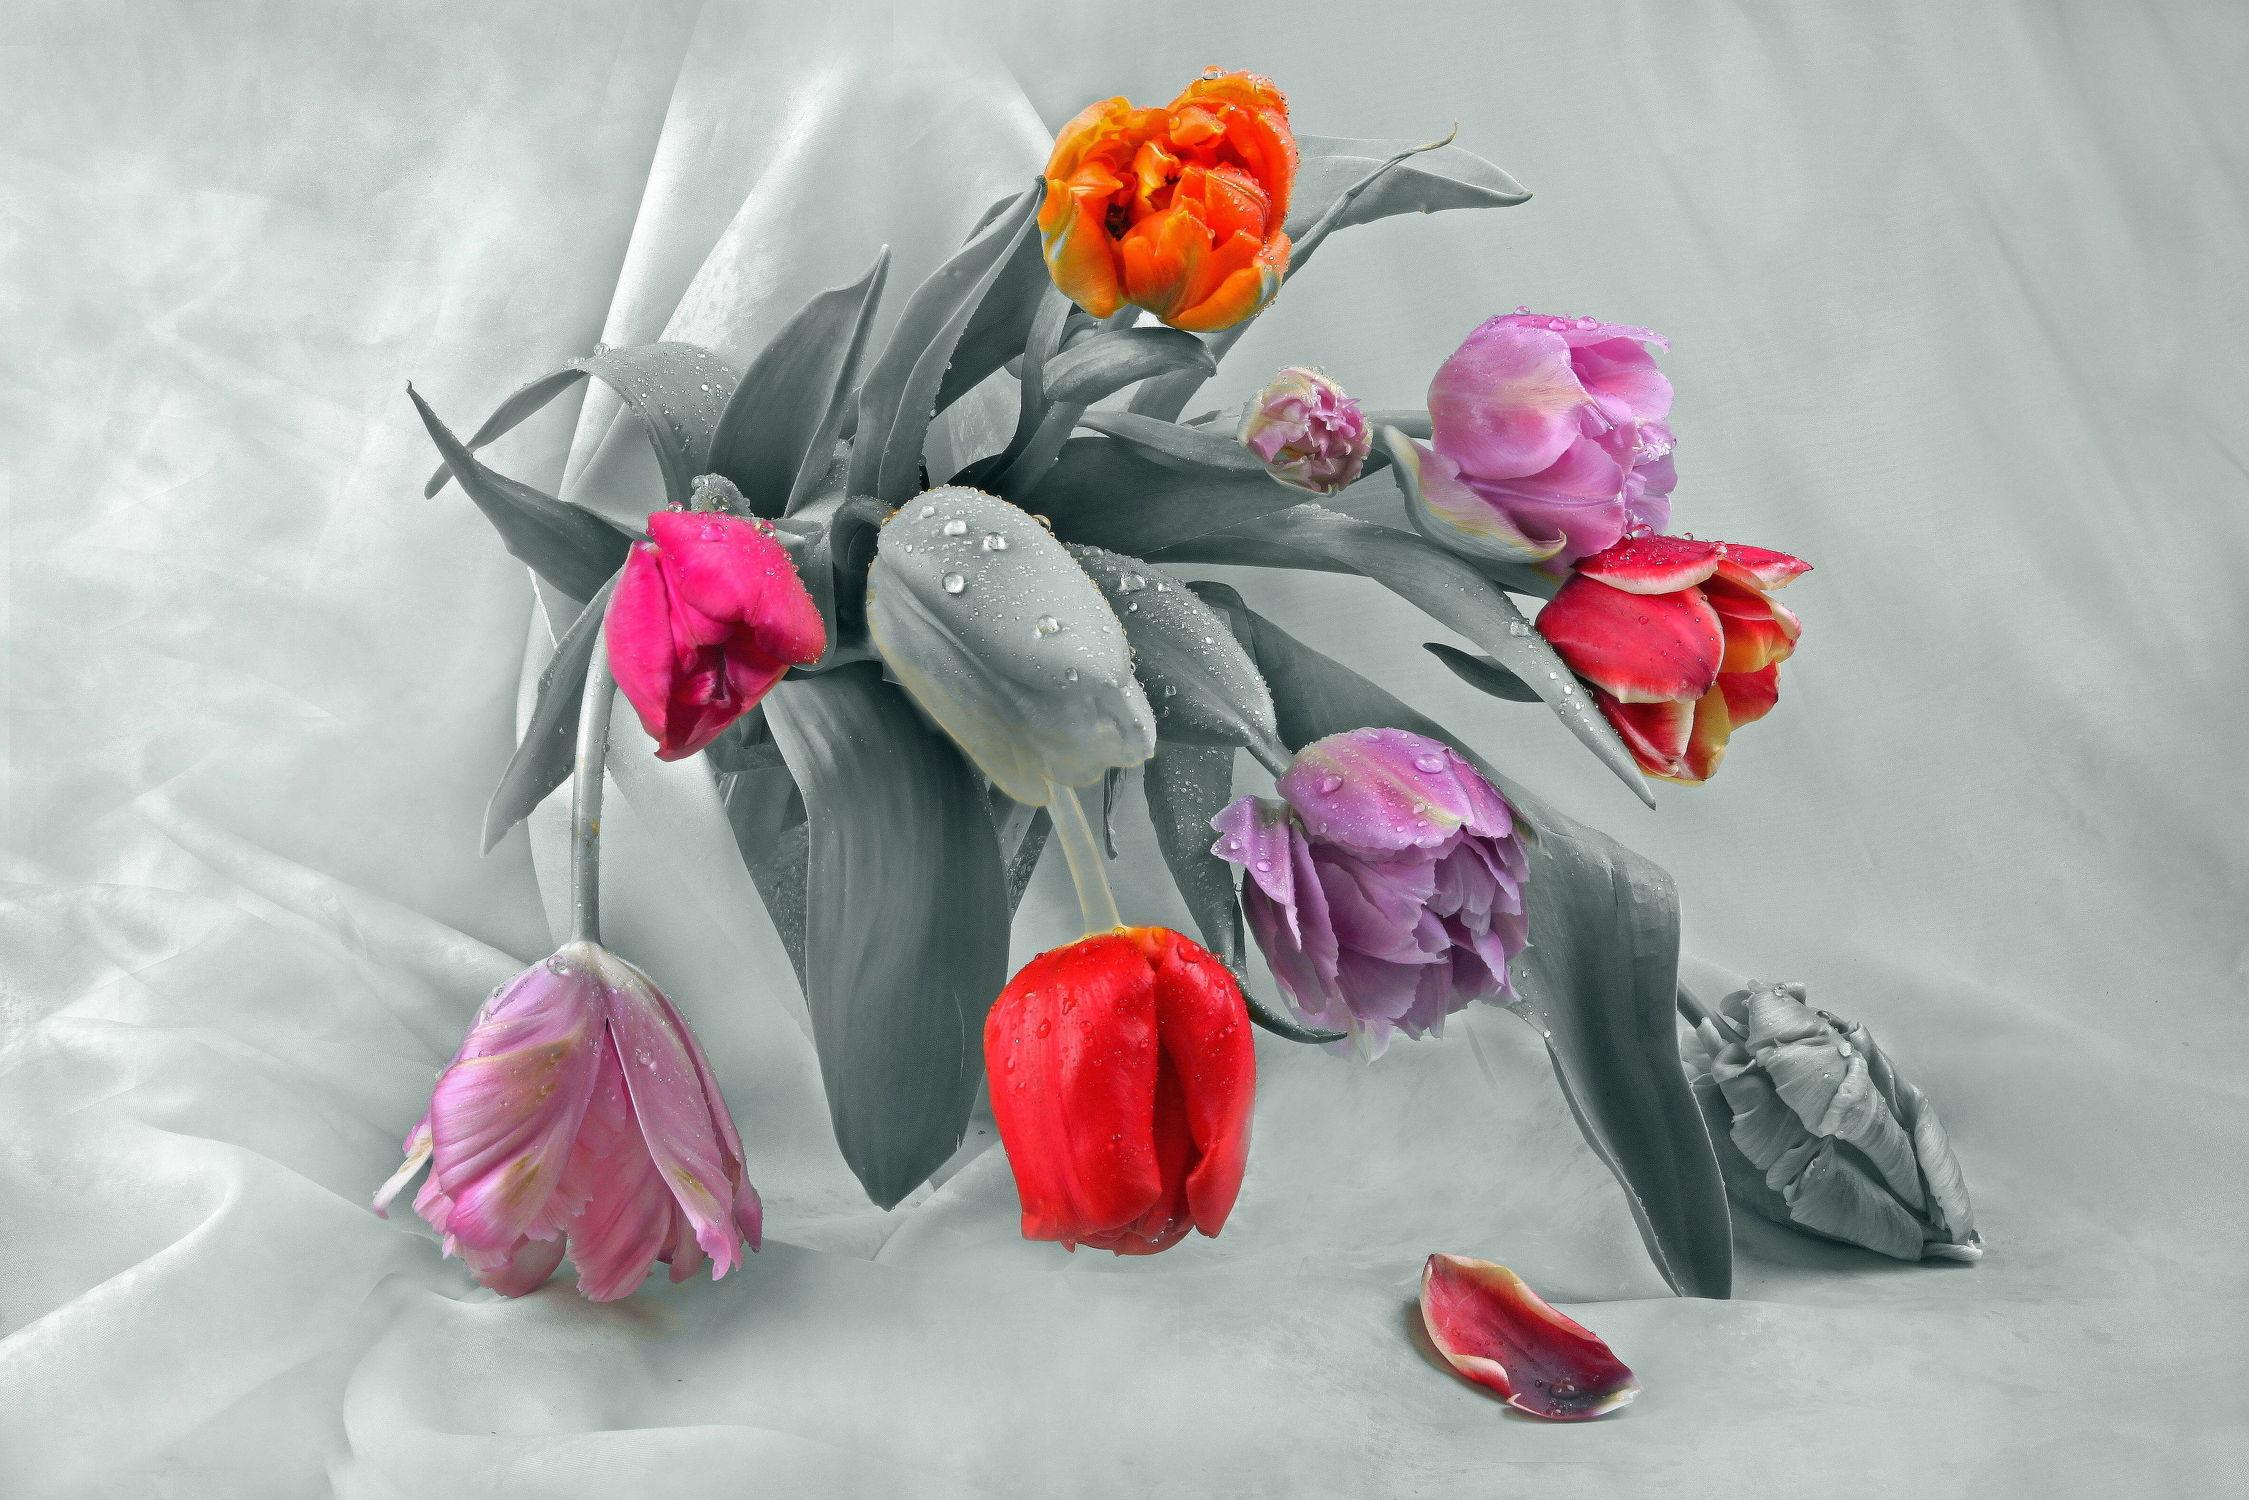 Bild mit Pflanzen, Blumen, Blume, Tulpe, Tulpen, Floral, Flora, Stilleben, Blüten, Florales, blüte